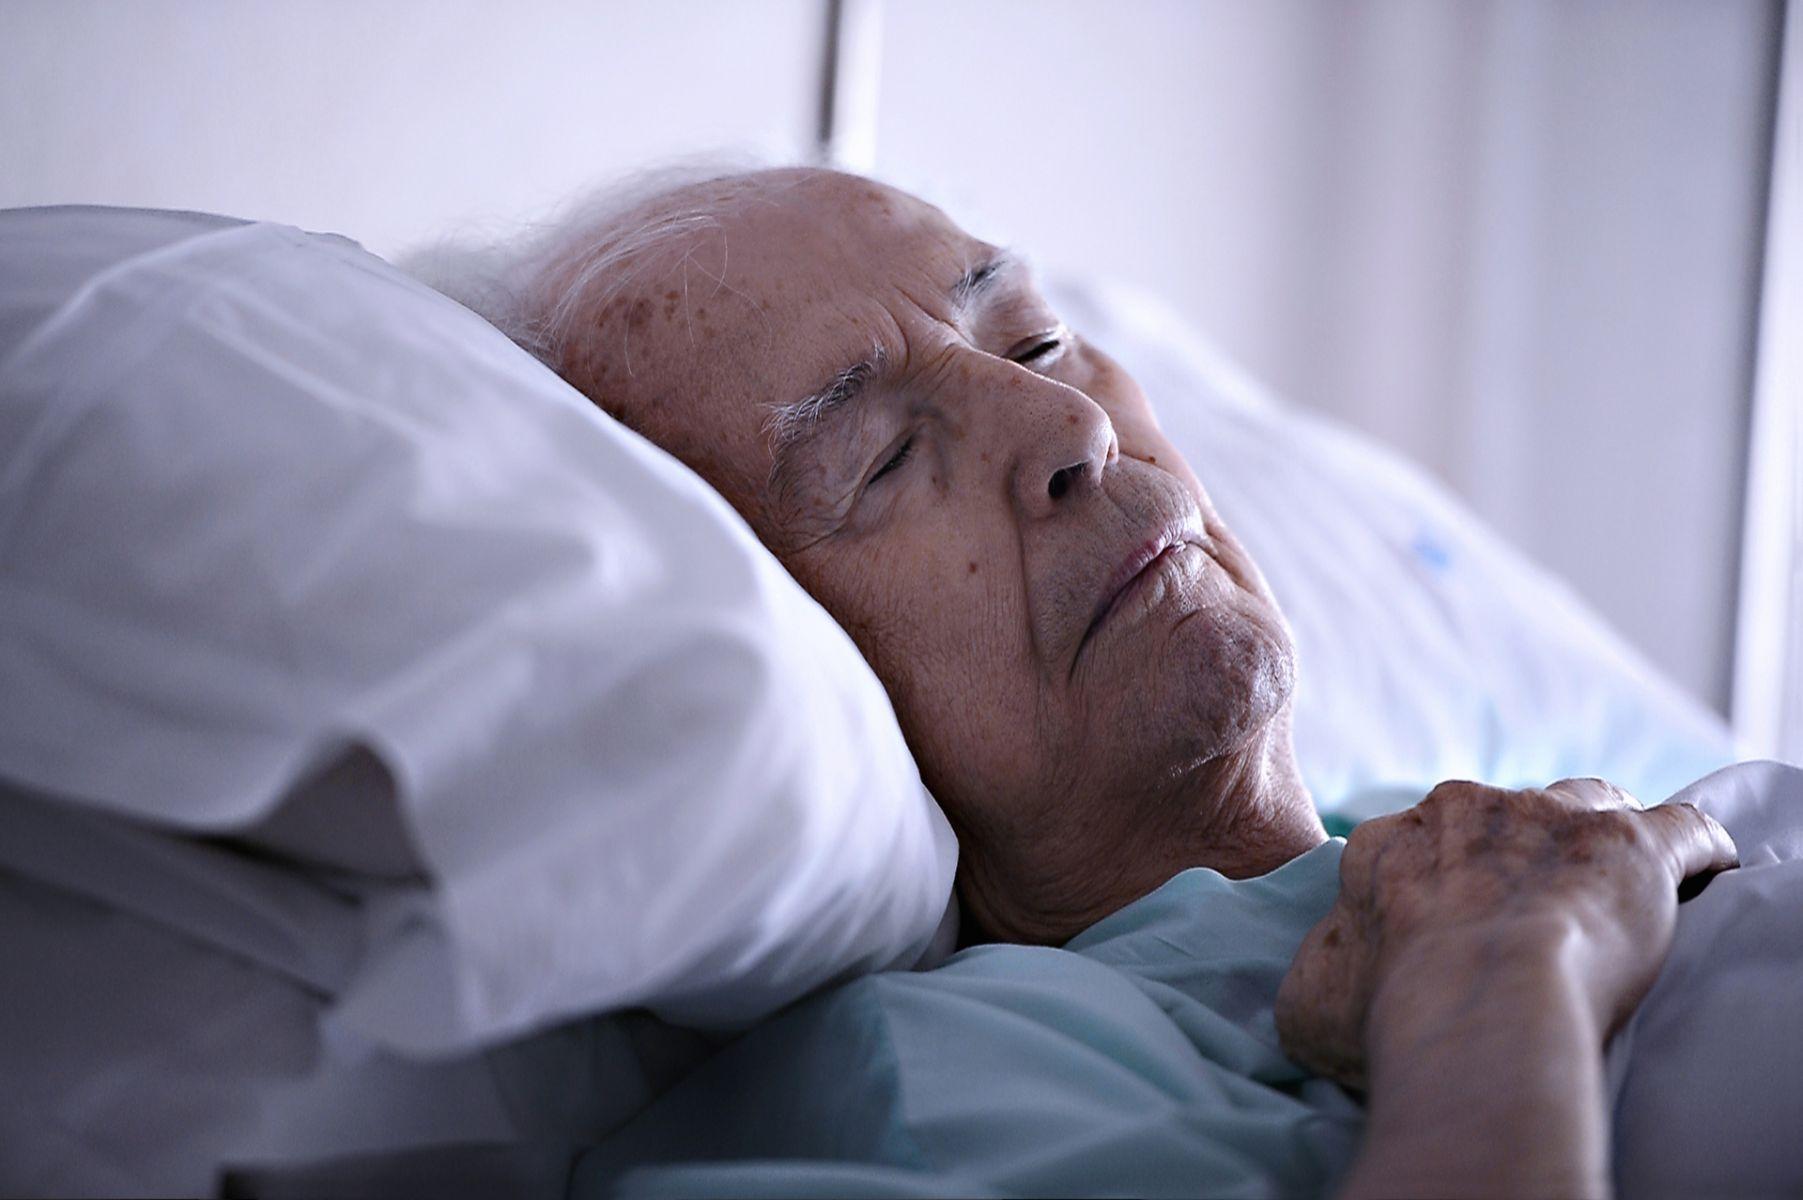 痛苦的兩難!長輩失能 該請看護還是送機構?